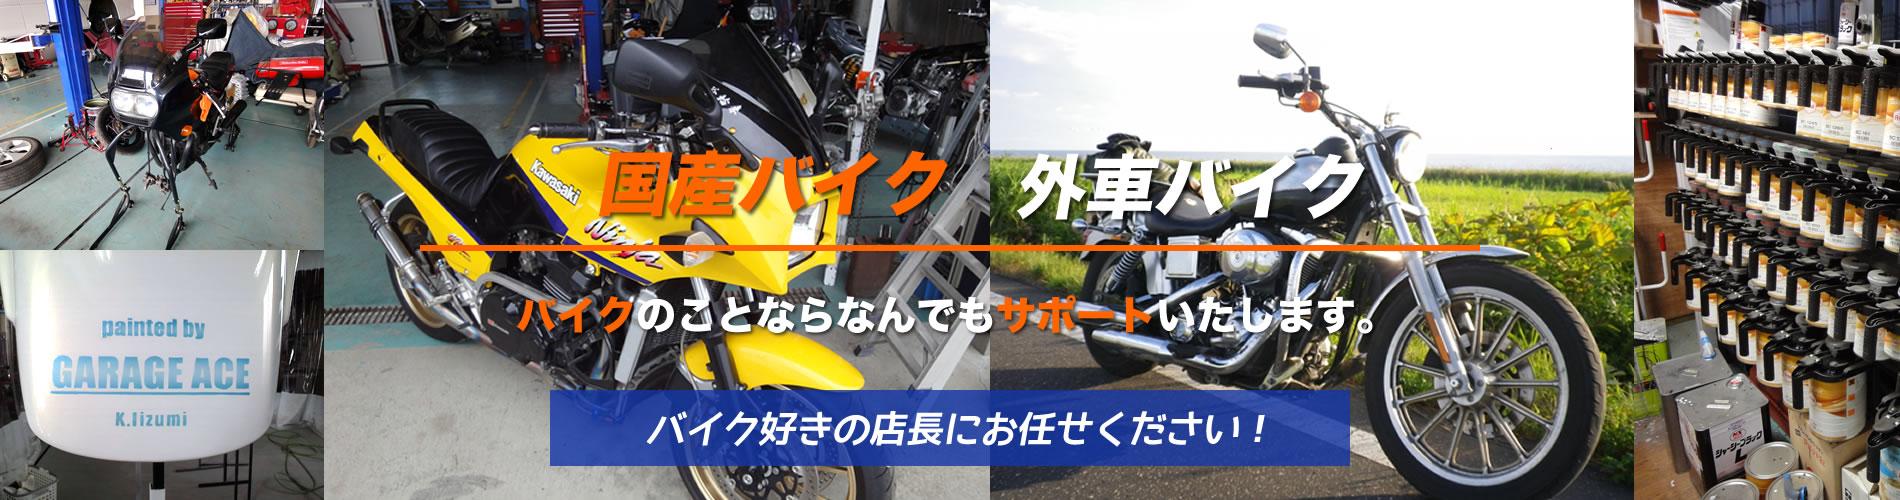 国産バイク 外車バイク